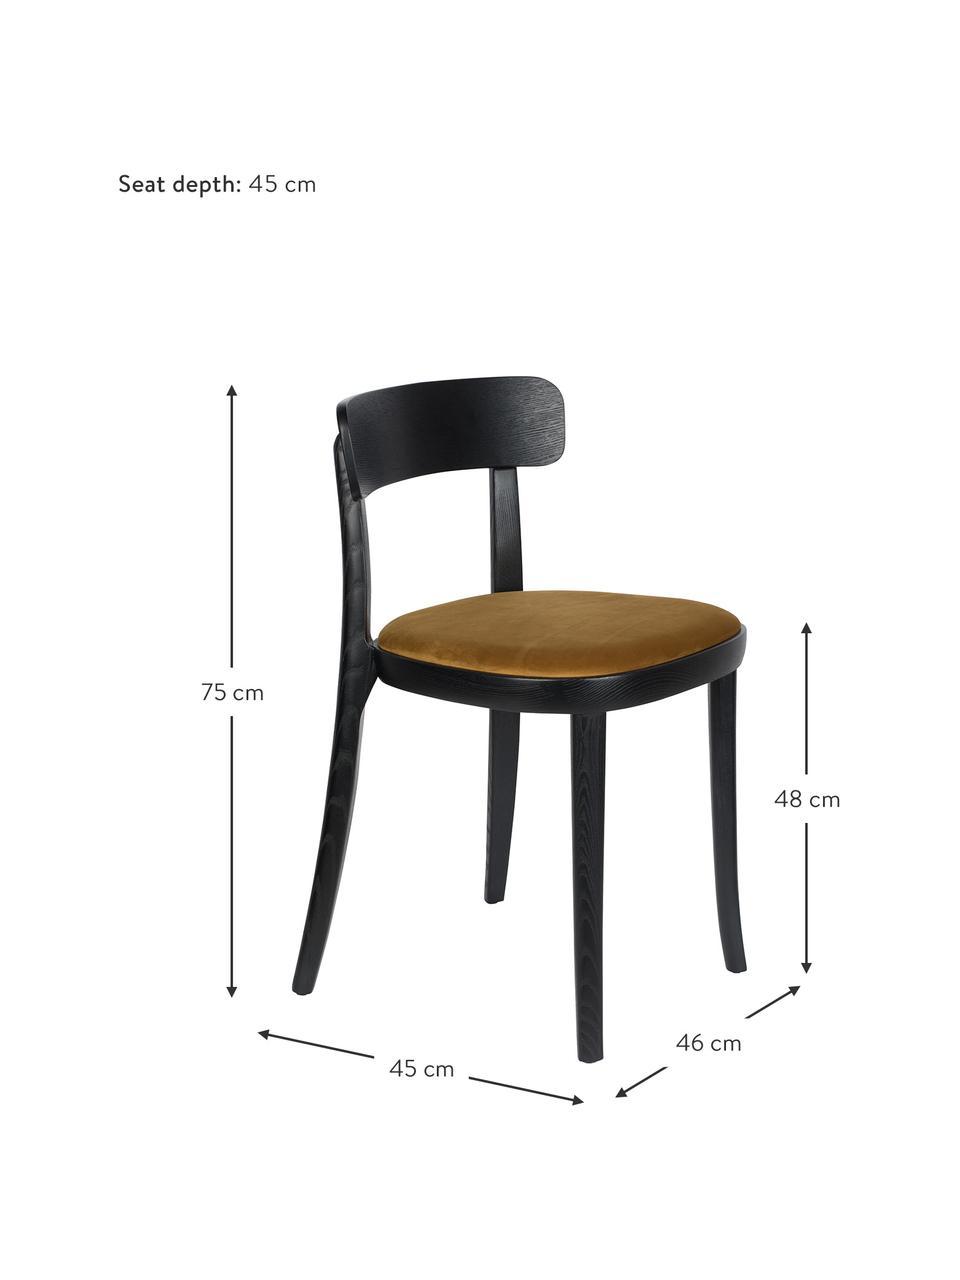 Holzstuhl Brandon mit Samt-Sitzfläche, Bezug: 100% Polyestersamt Der st, Rahmen: Eschenholz, massiv, lacki, Sitzfläche: Schichtholz, Gelb, B 46 x T 45 cm